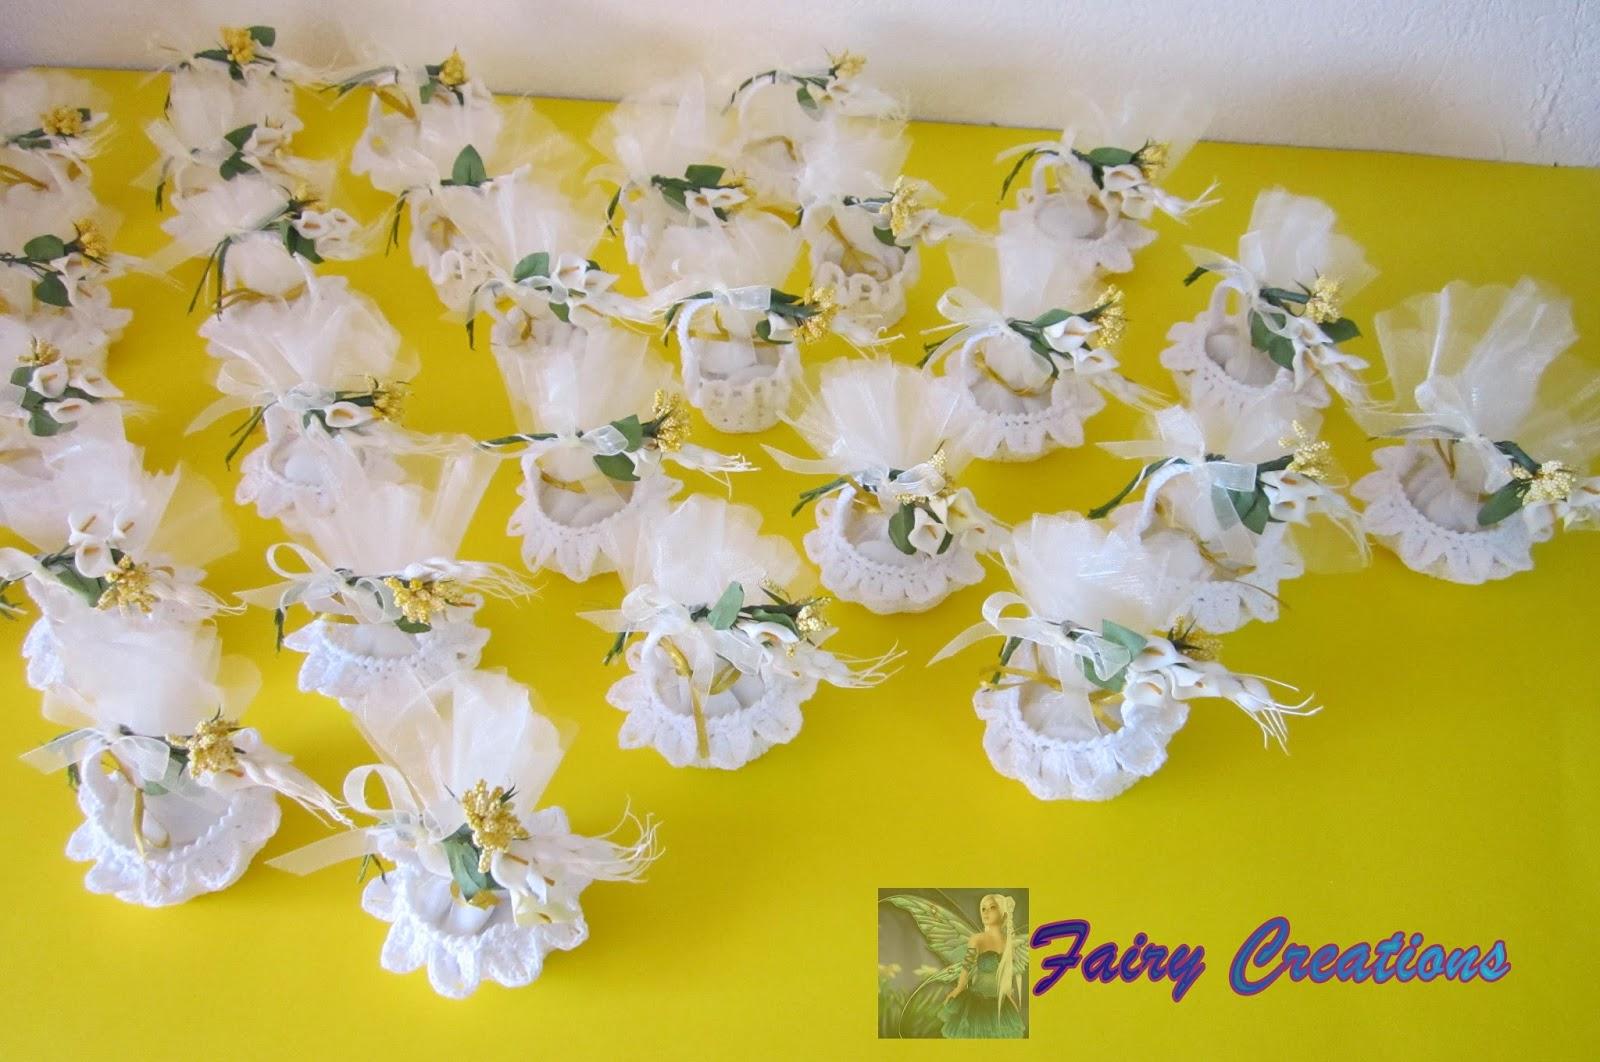 Super fairy creations: bomboniere all'uncinetto, cestini all'uncinetto YA22